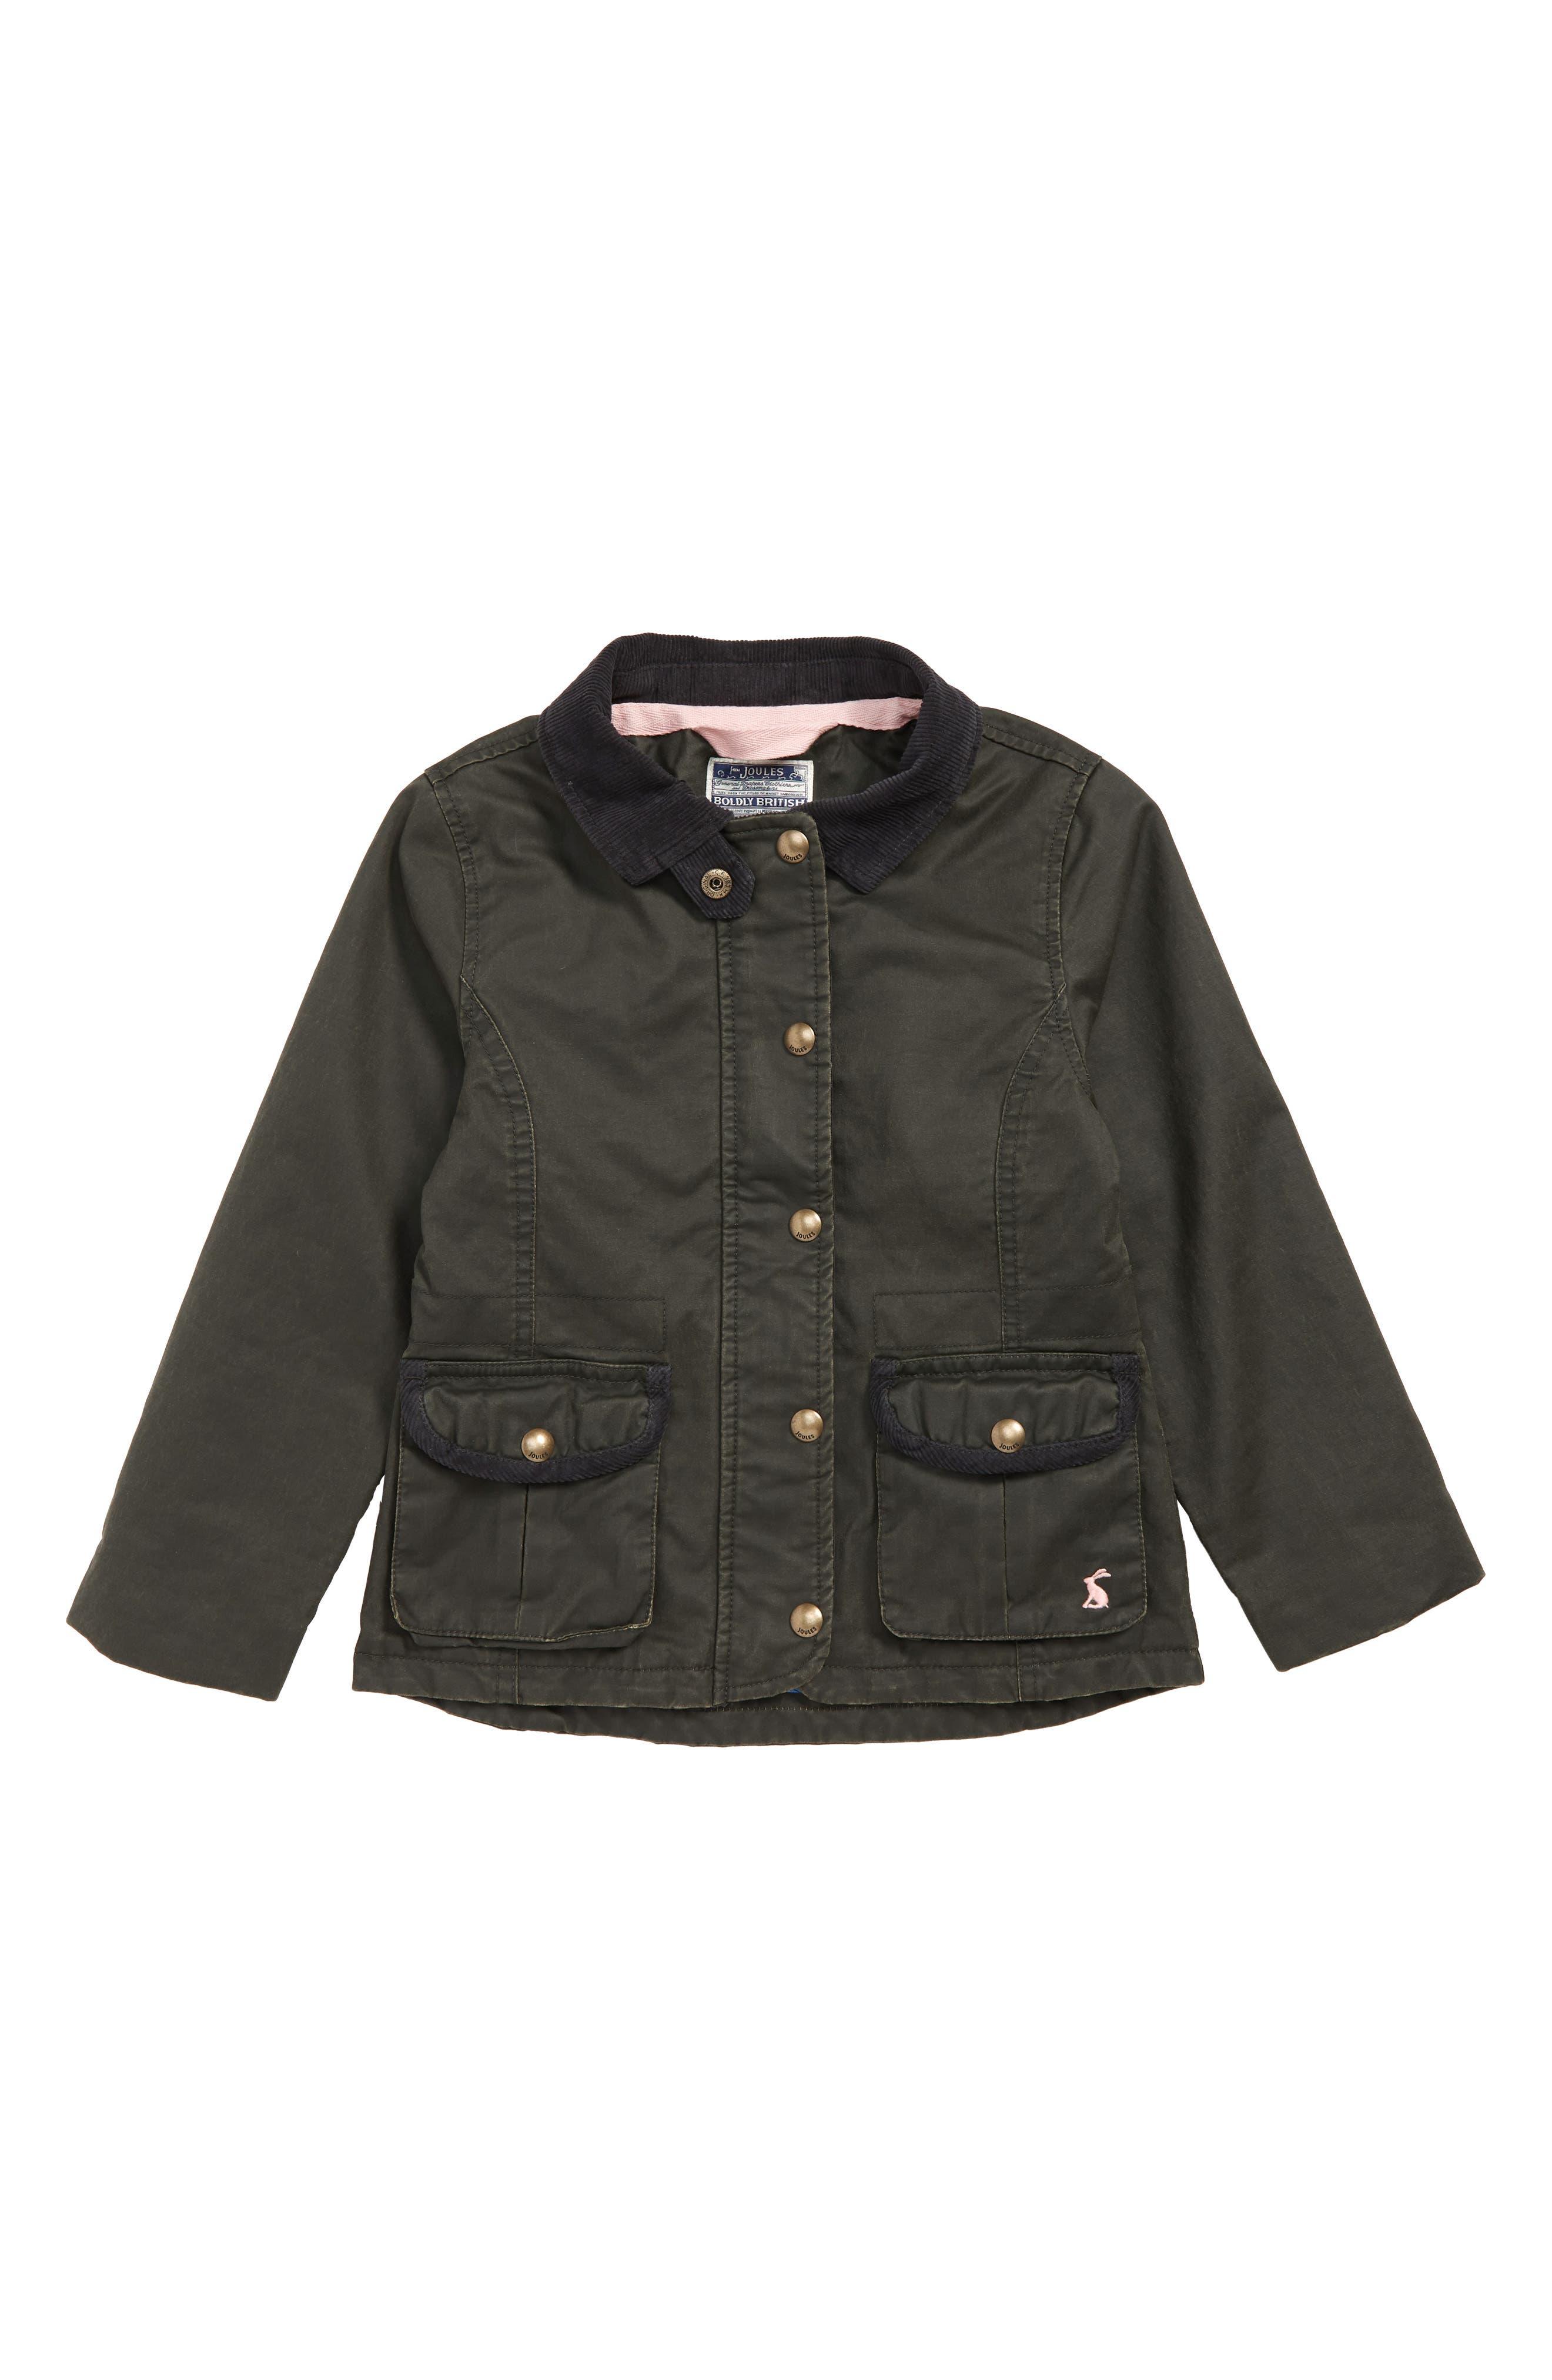 Girls Joules Waxed Field Jacket